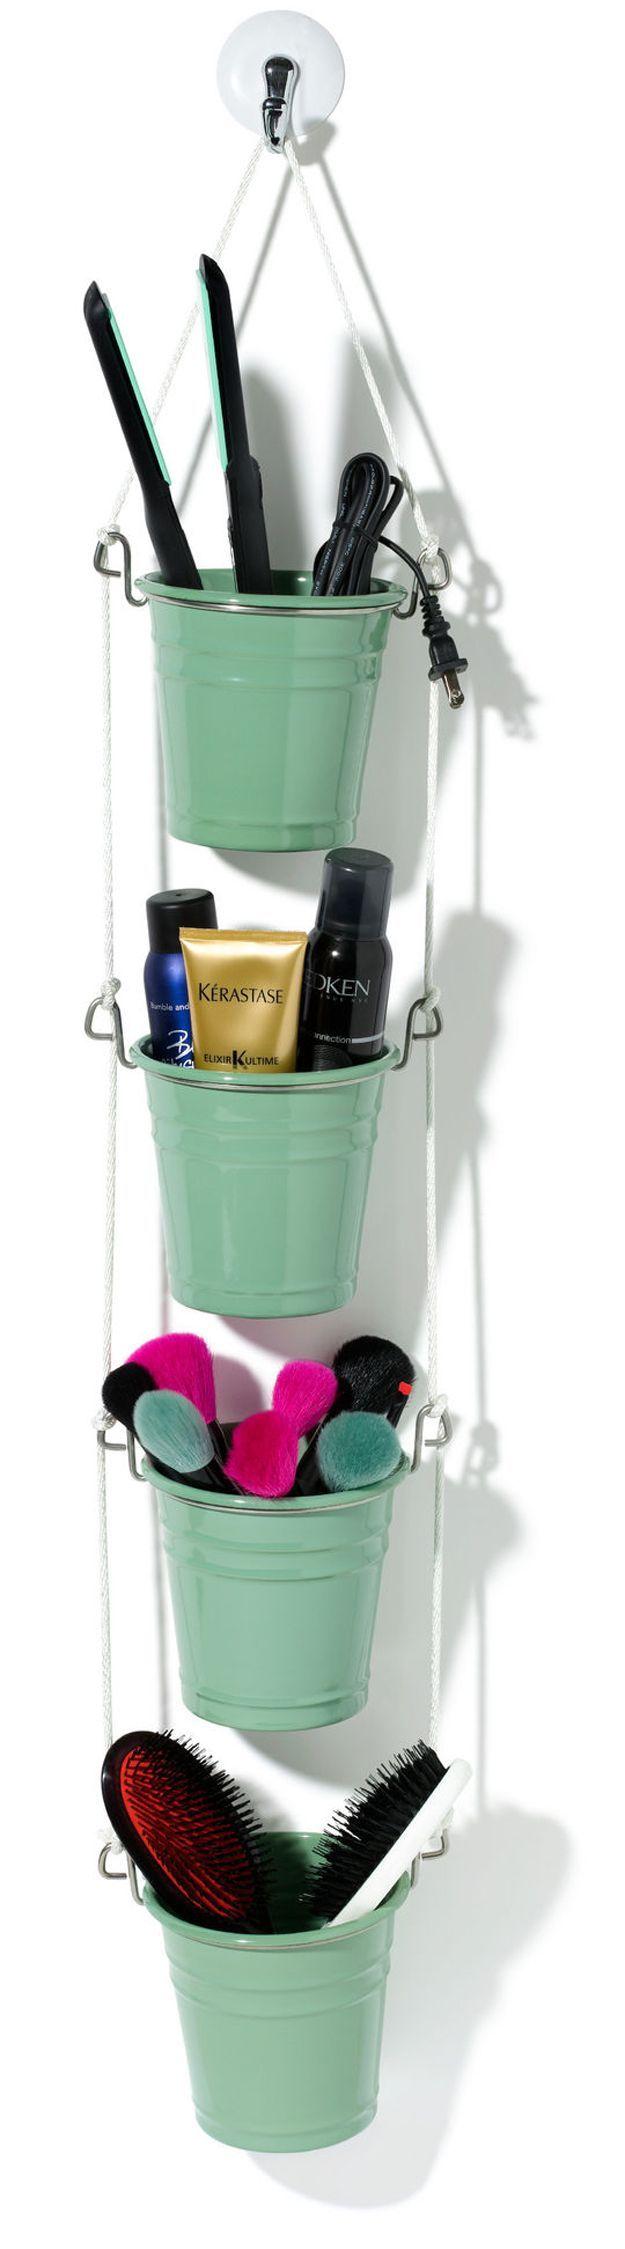 Com baldinhos e um suporte você organiza de forma simples e charmosa os itens do seu banheiro ❤